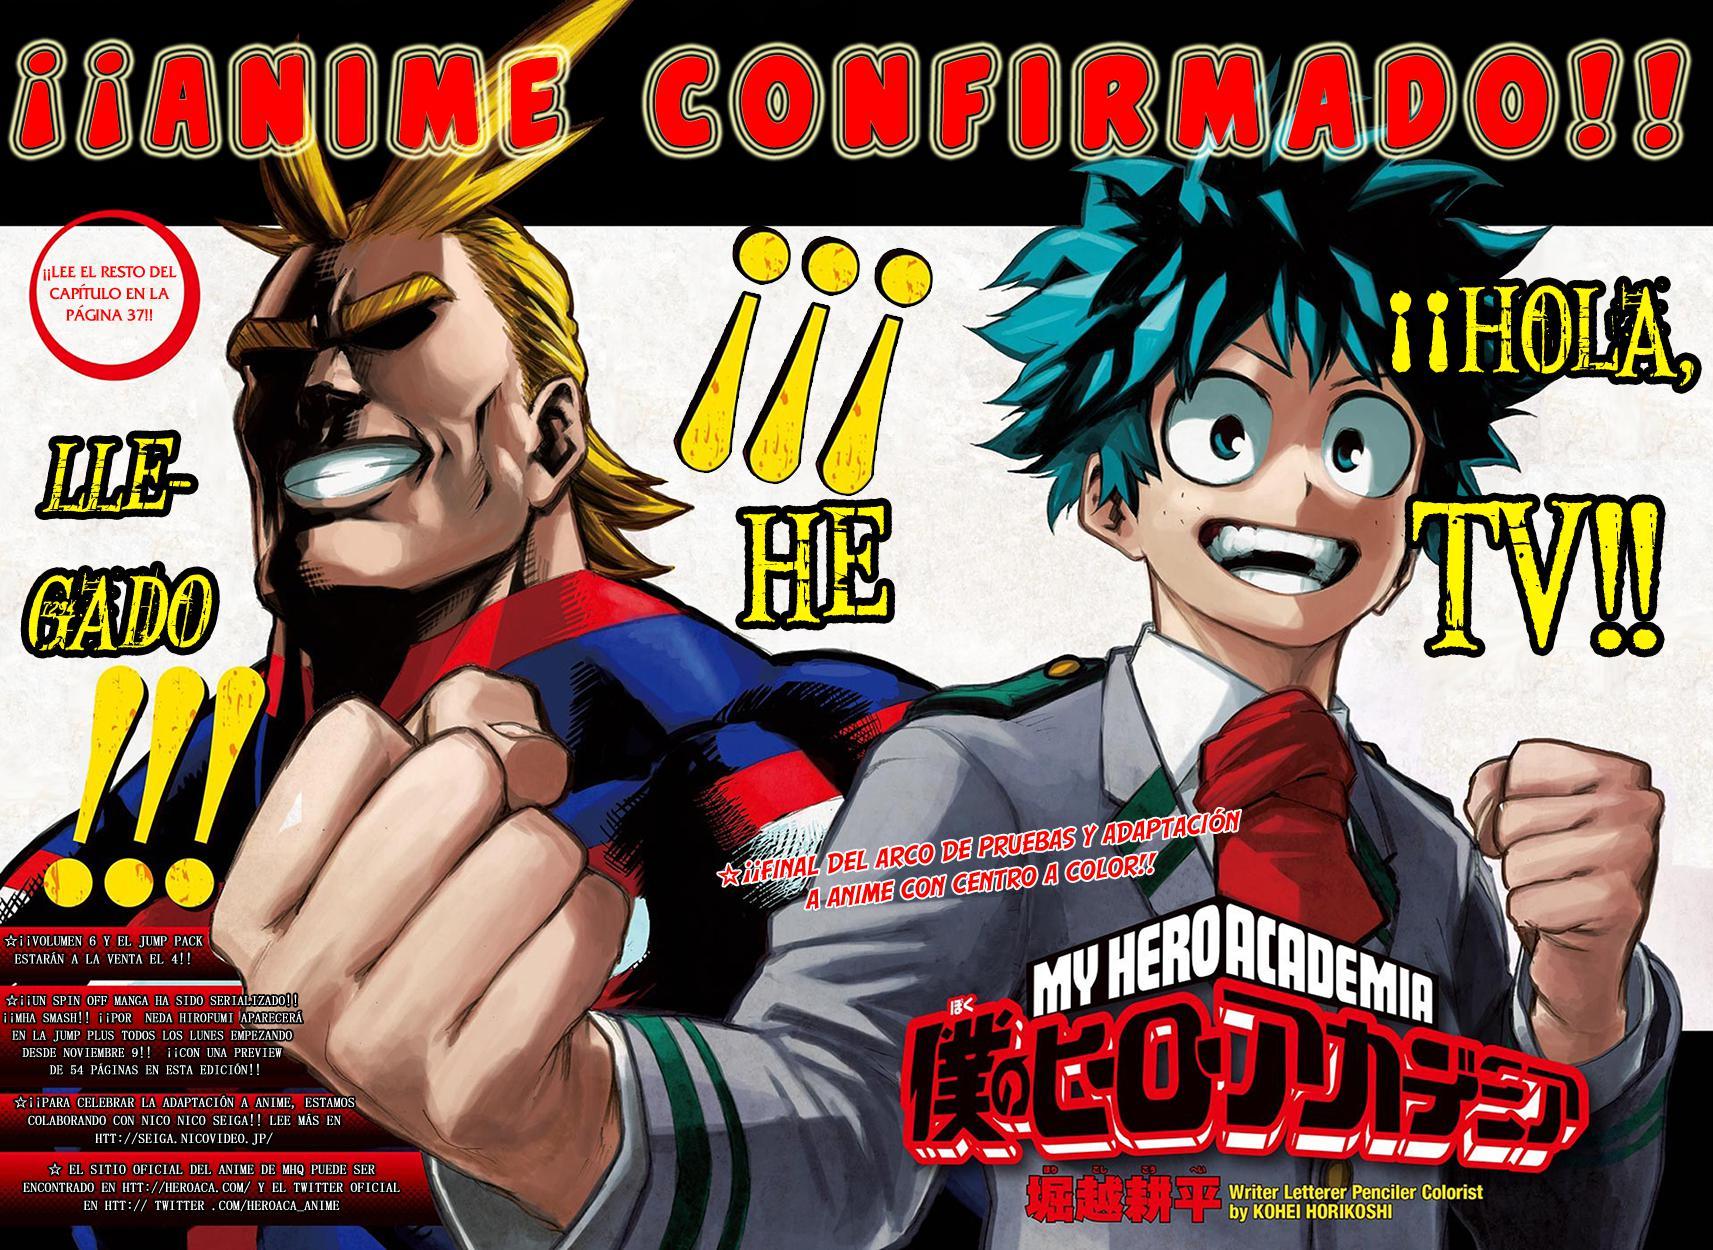 http://c5.ninemanga.com/es_manga/54/182/423709/bdd7fe70283020085fc375b88f431fb5.jpg Page 4